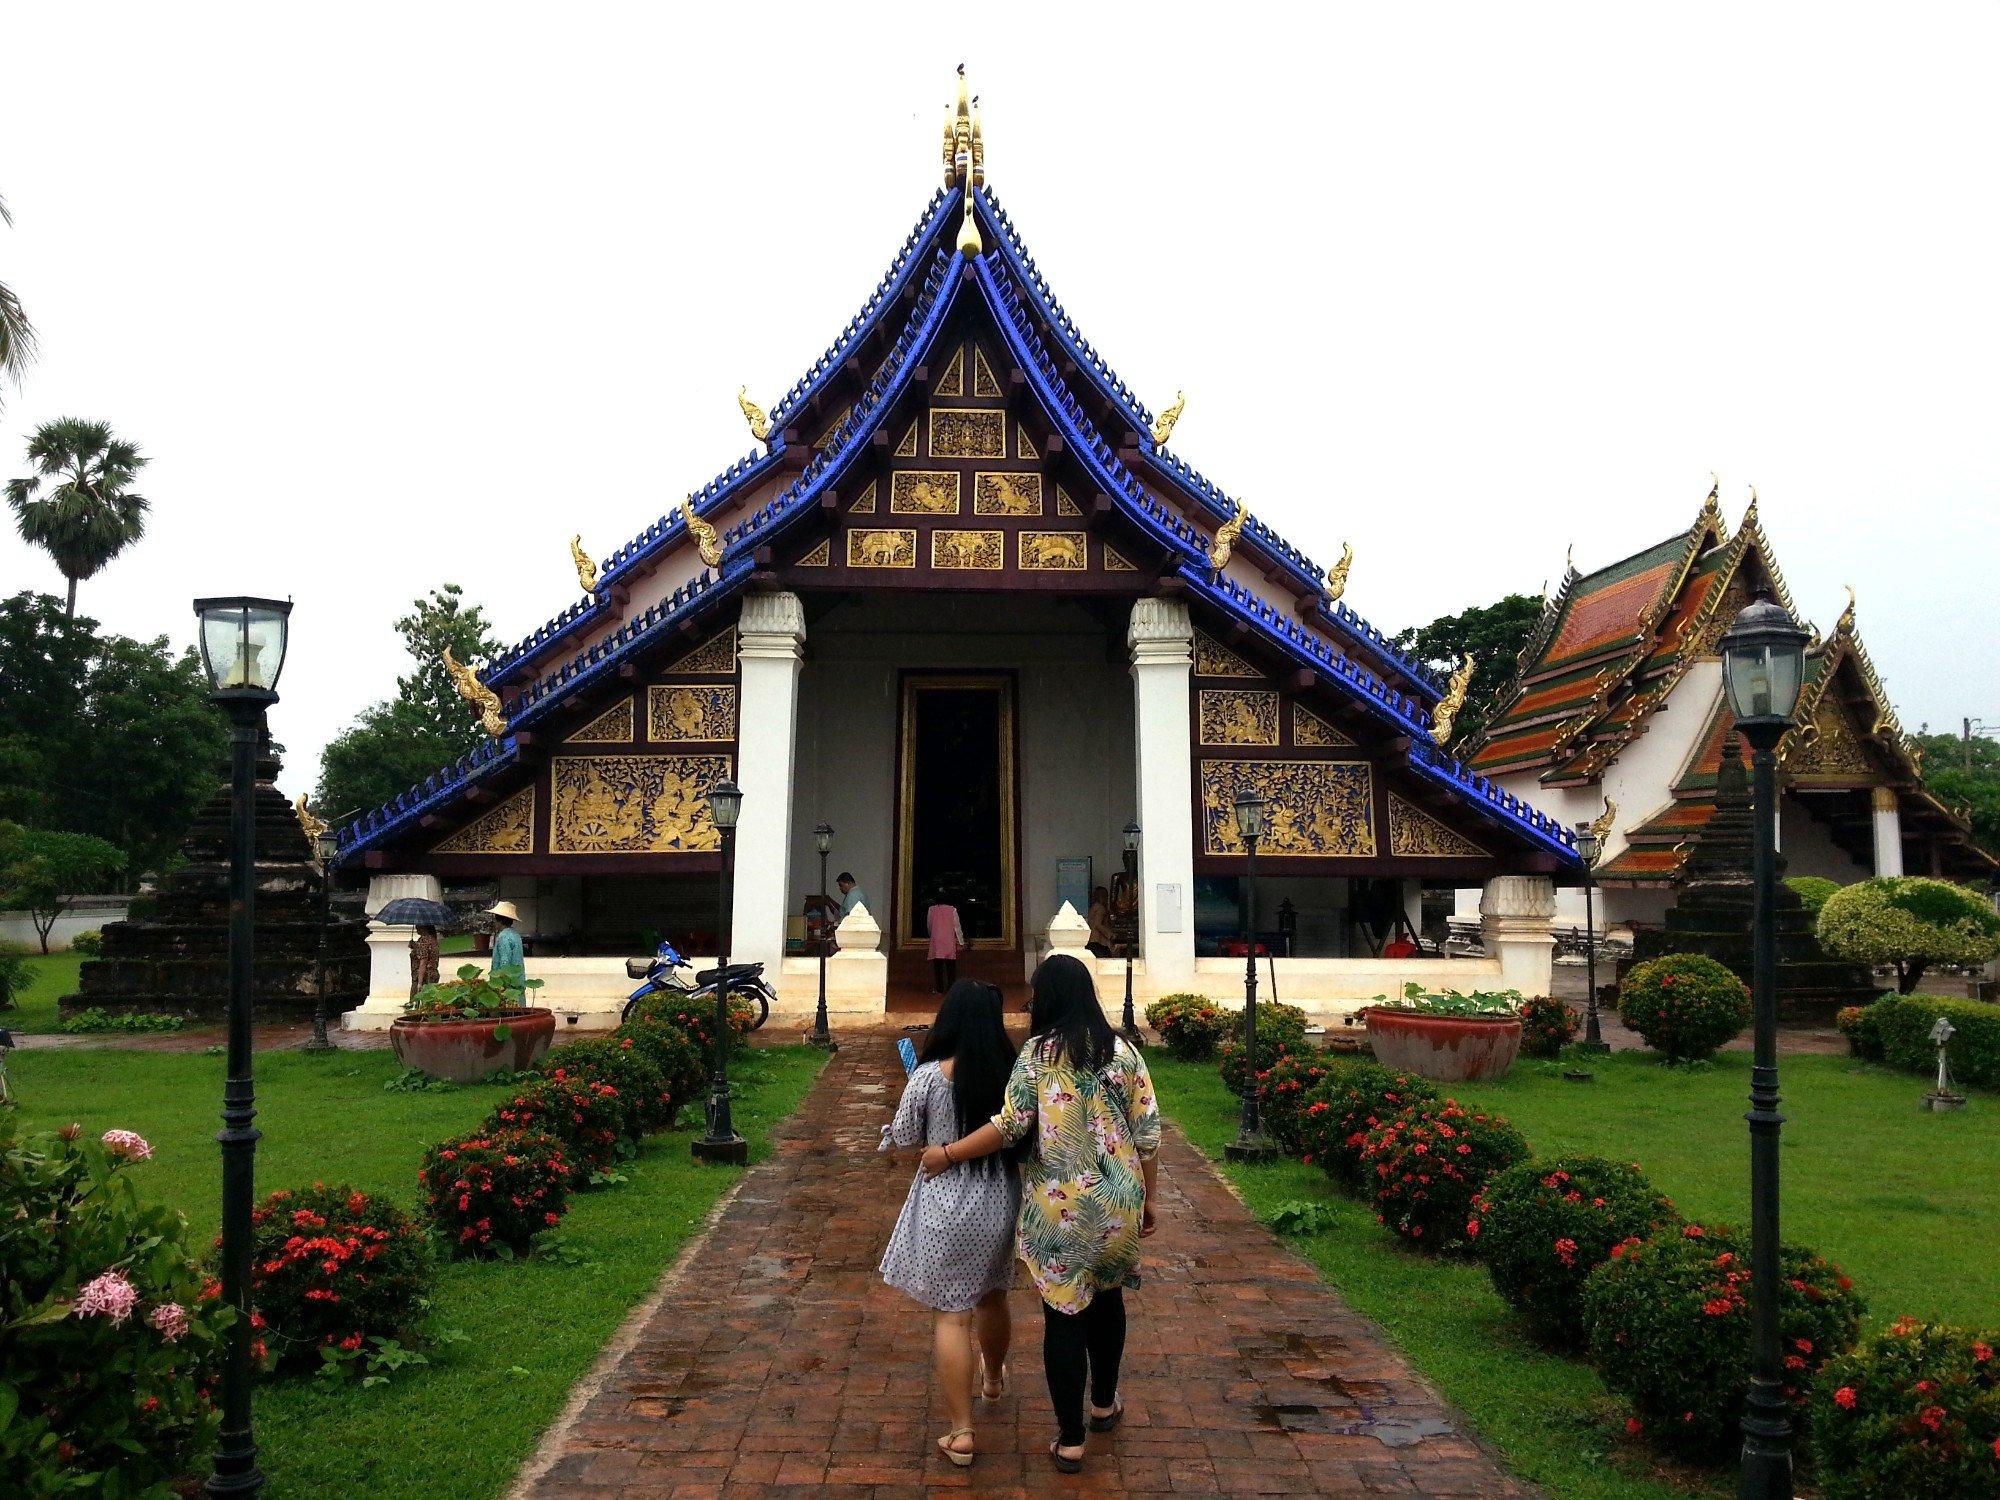 Prayer hall at Wat Phra Brommathat Thung Yang